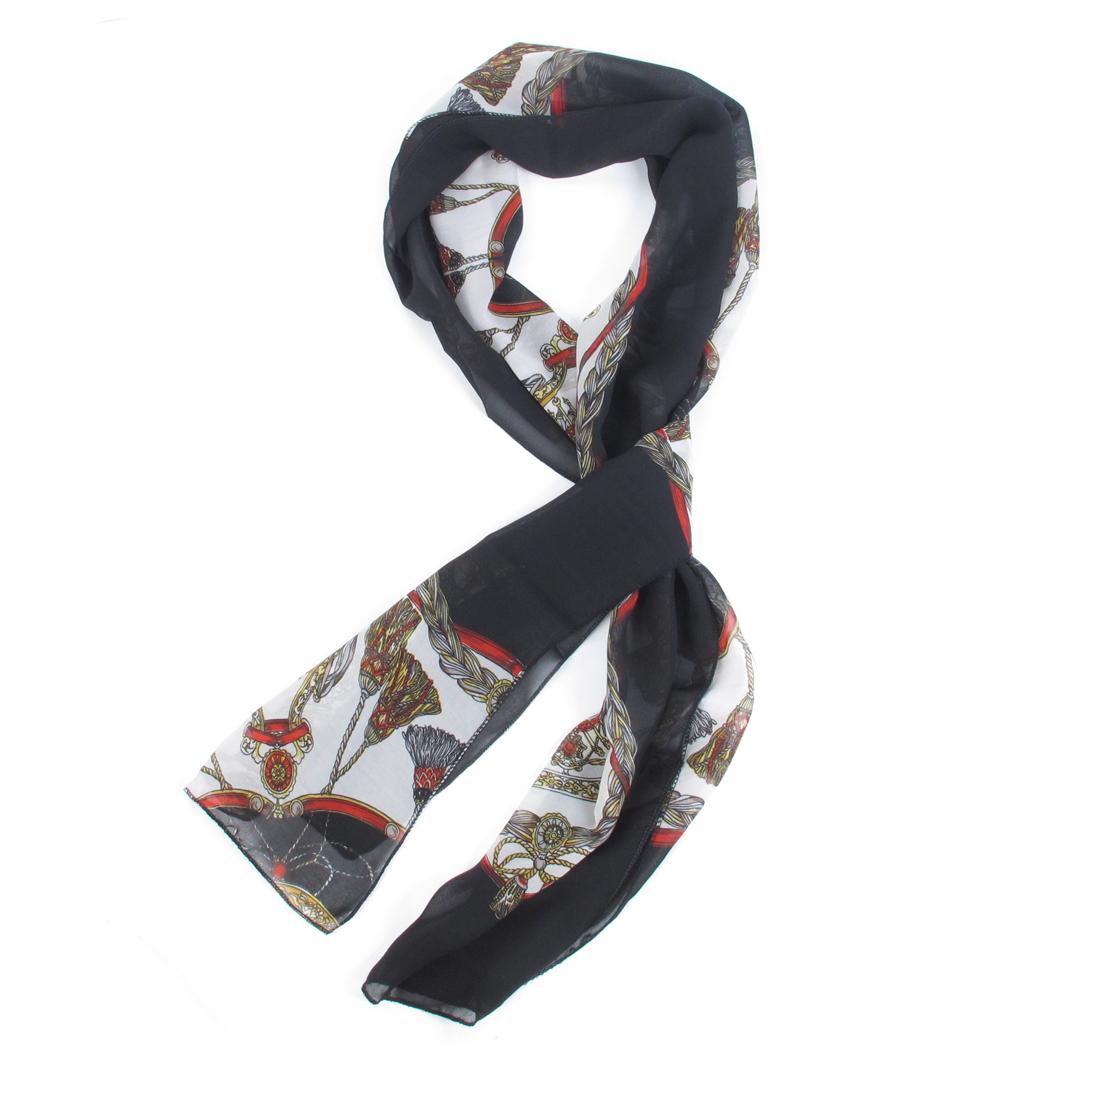 Ladies Tassels Printed Black White Soft Chiffon Long Wrap Scarf Shawl